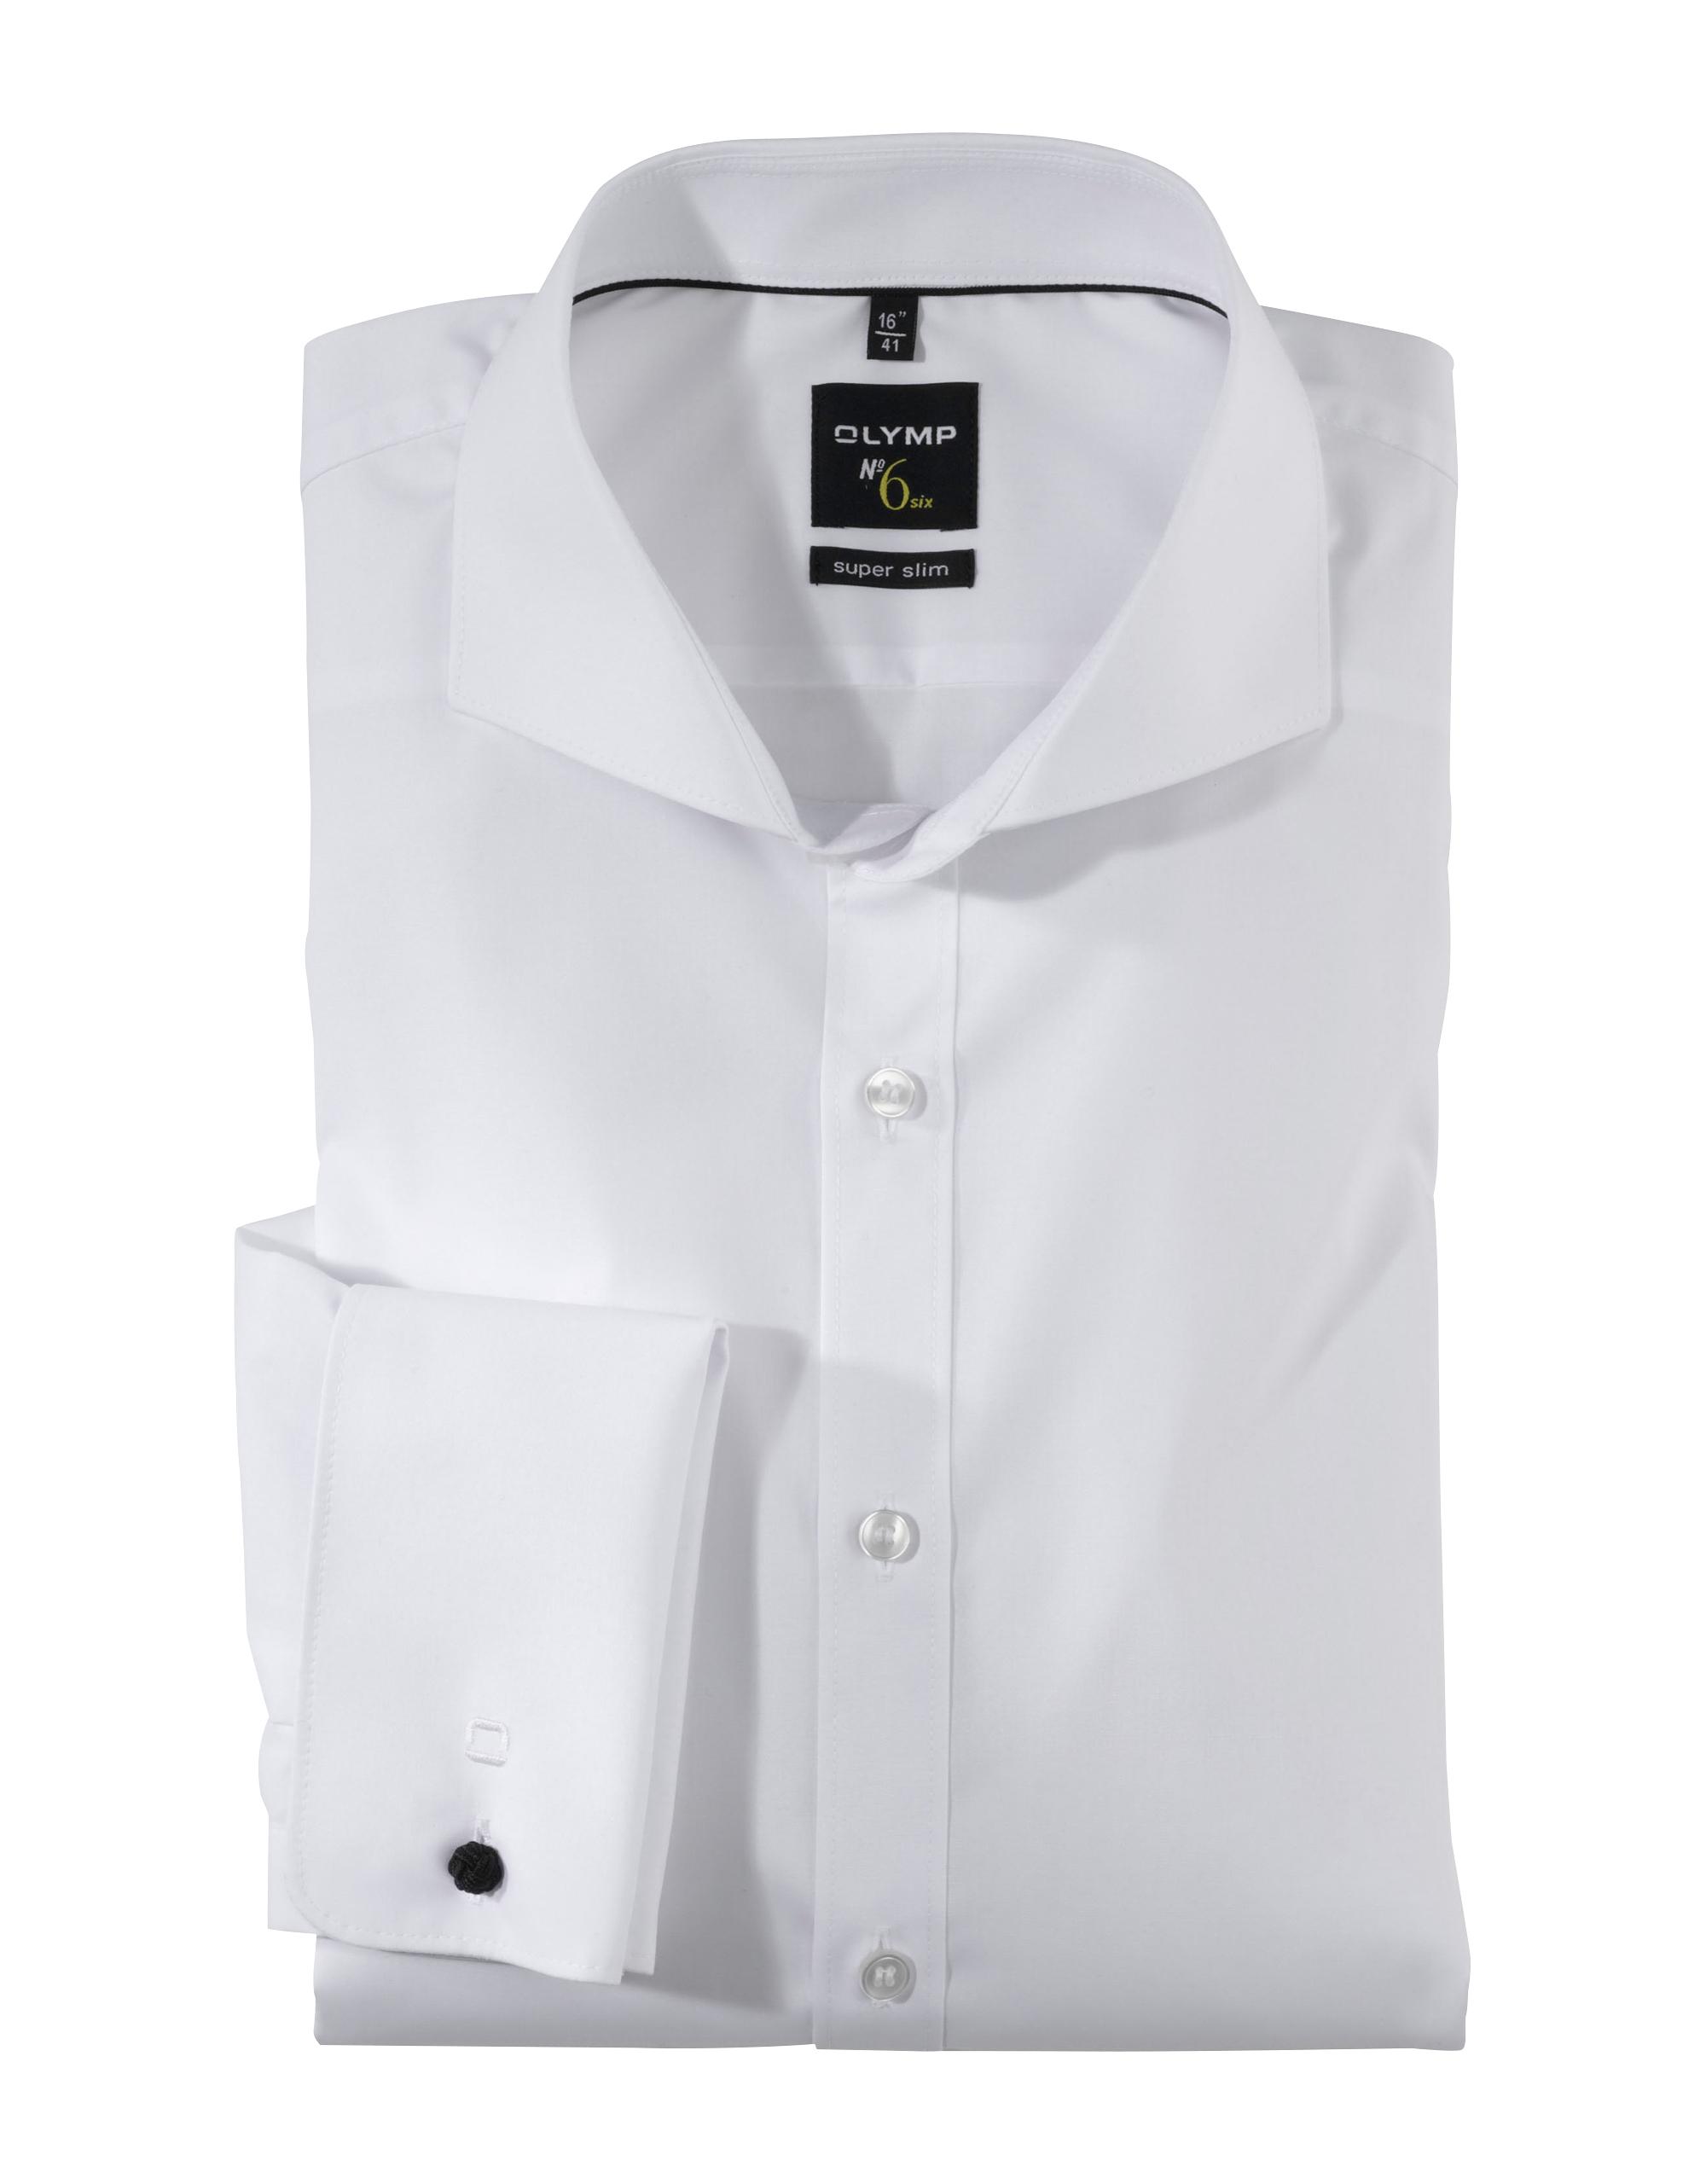 OLYMP No. Six Hochzeitshemd, super slim, Haifisch, Weiß, 44 | Bekleidung > Hemden | Weiß | 97% baumwolle/ 3% elastolefin (xlance) | OLYMP No. Six